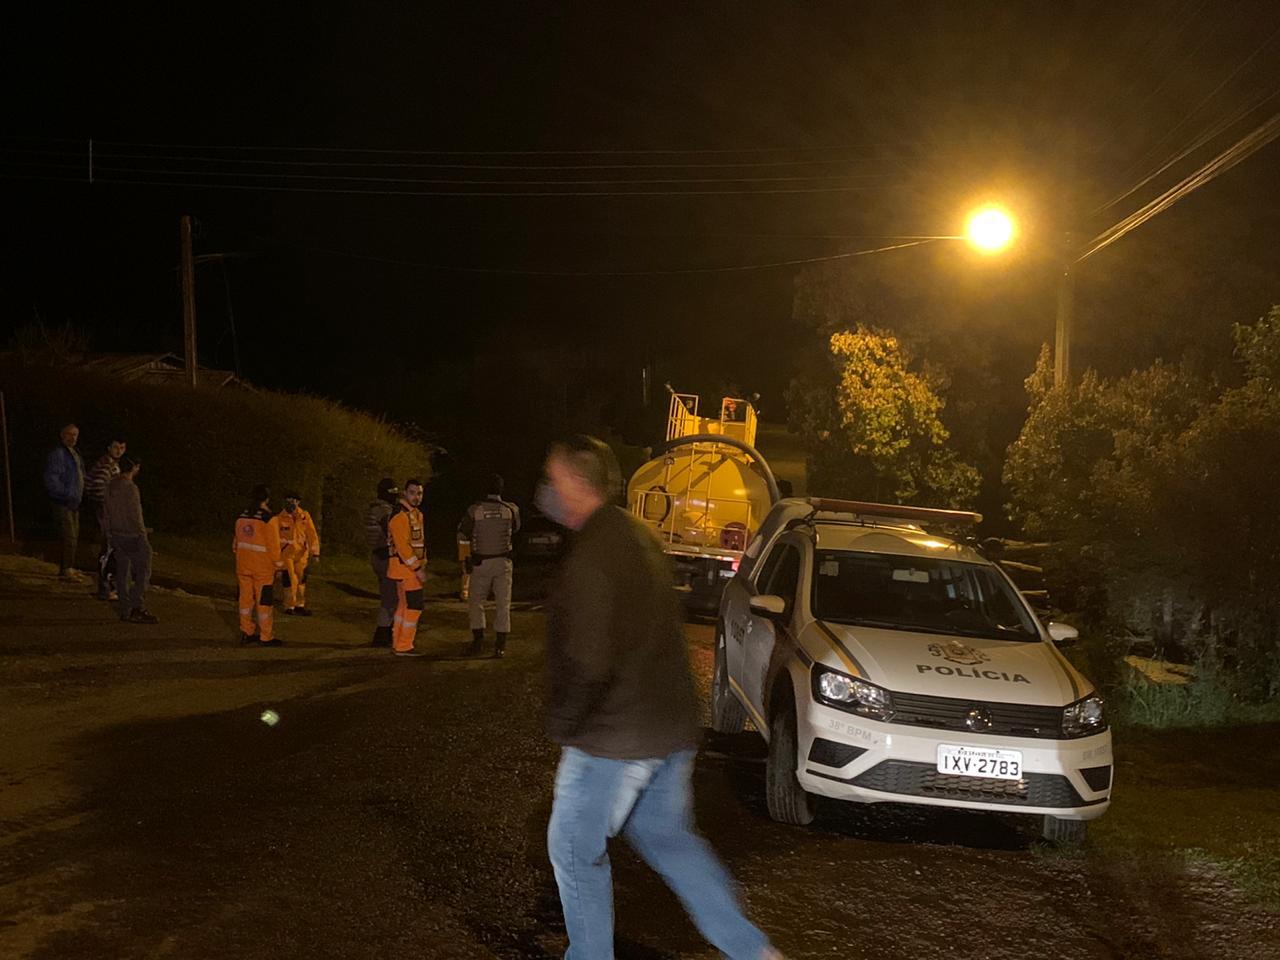 Bombeiros Voluntários de Não-Me-Toque combatem princípio de incêndio no bairro Industrial